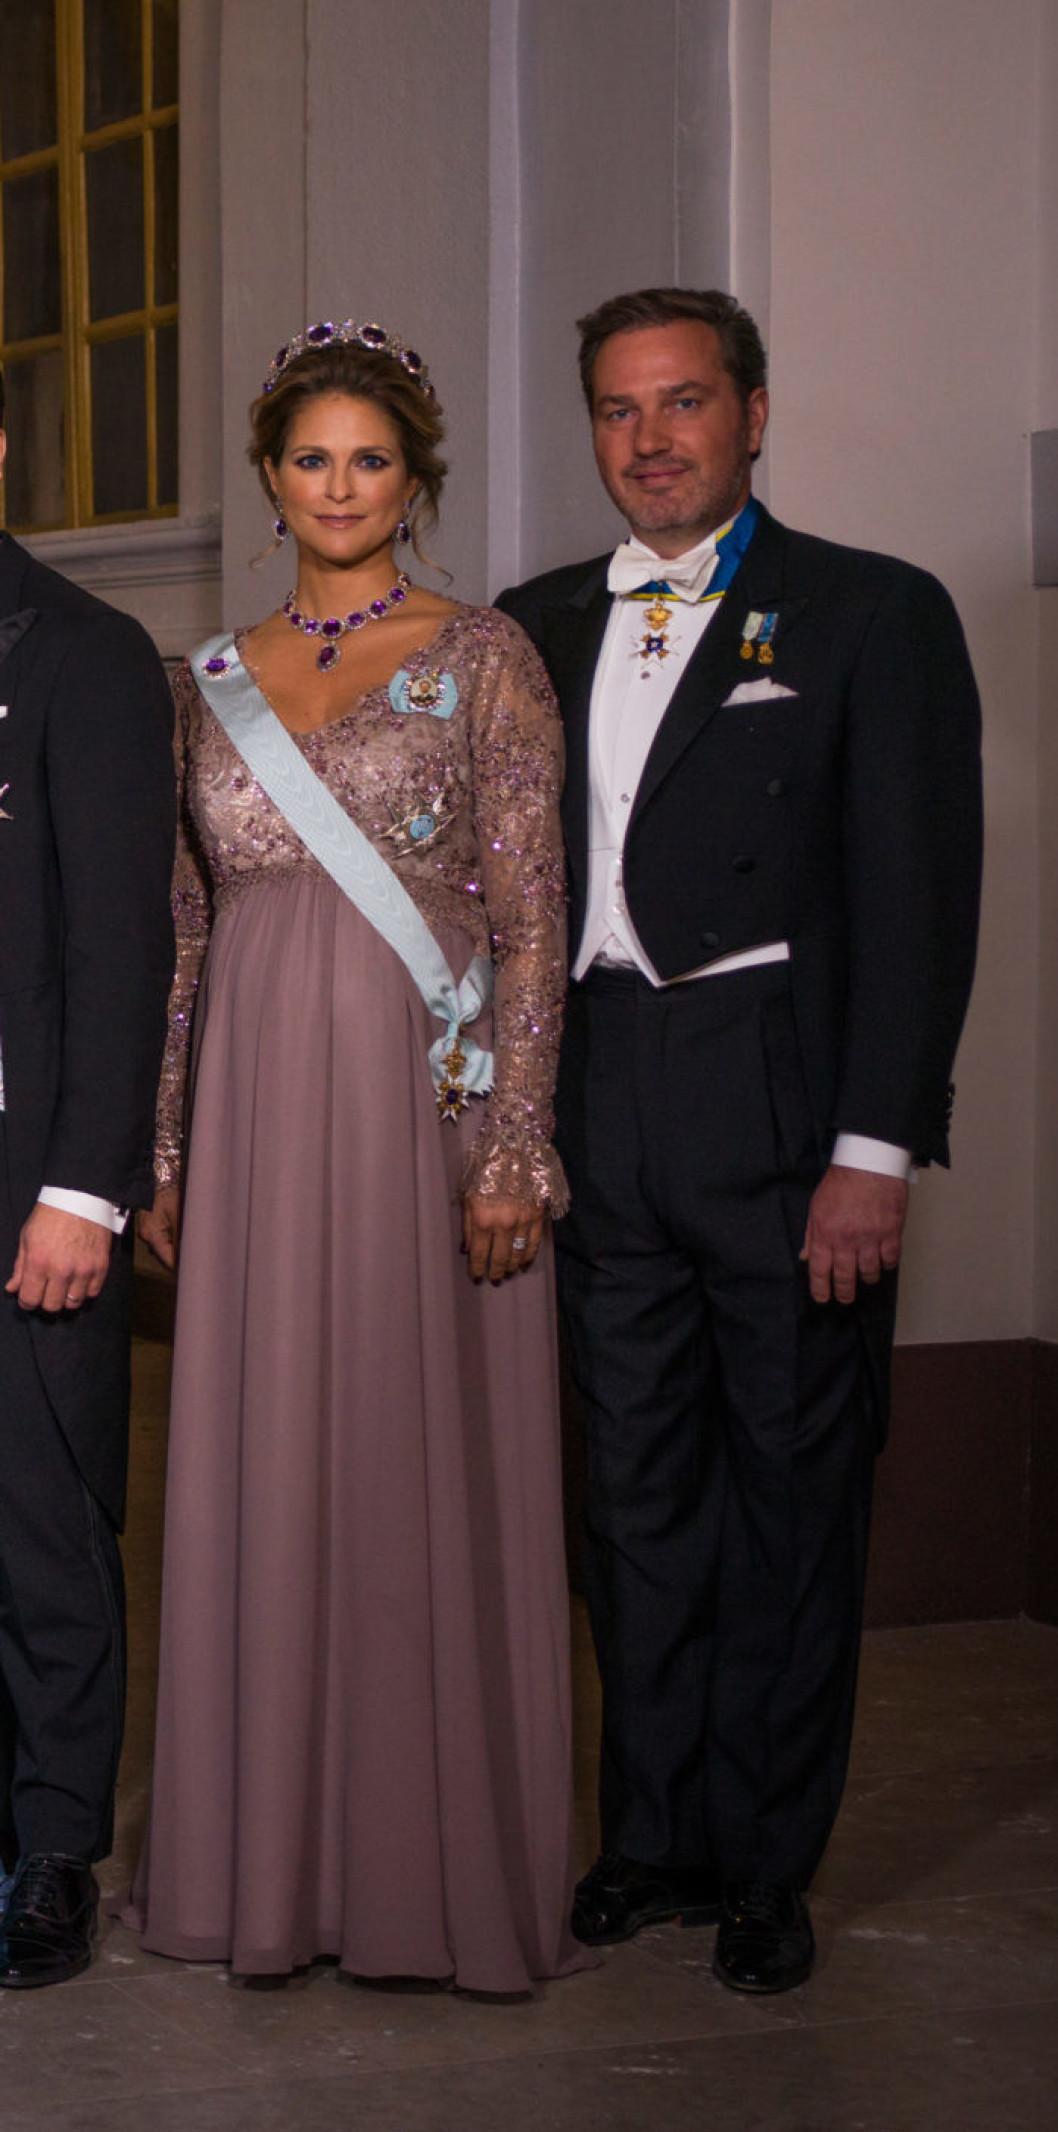 """Нобель 2017 г , Мадлен с супругом. принцесса  выбралав платье """"имперского стиля"""" цвета """"пыльной розы"""" от Seraphine, с аметистовой диадемой и соответствующим ожерельем. По причине не очень хорошего самочувствия в конце своей третьей беременности Мадлен была только на награждении лауреатов в Konserthuset и отсутствовала на банкете"""